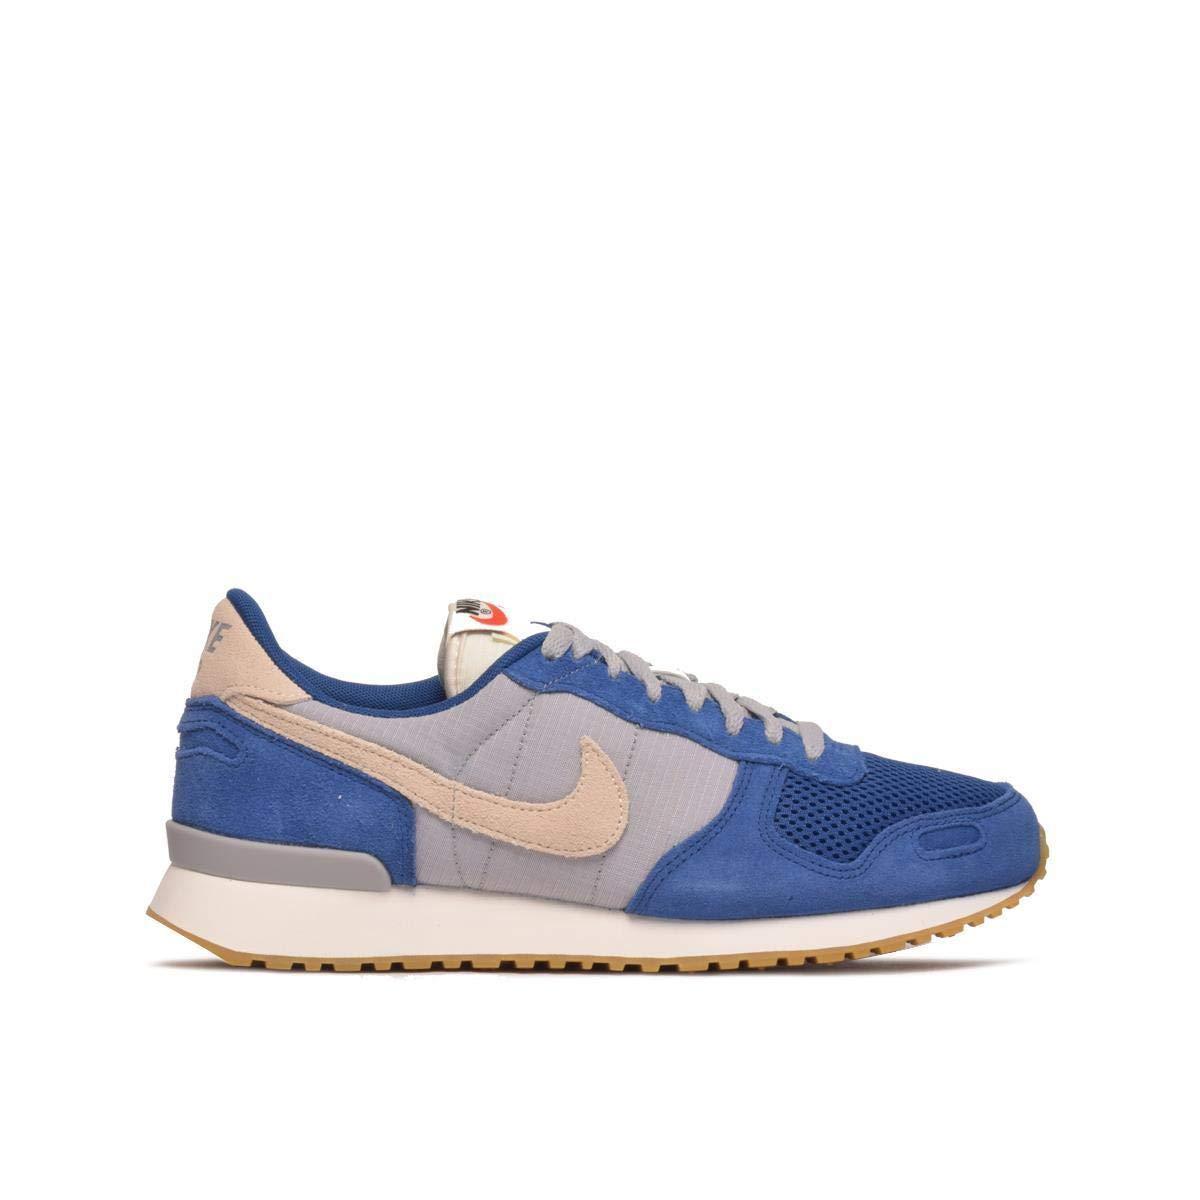 Comprar Zapatillas Nike Md Runner 2 Gris Bebé Deportes Moya